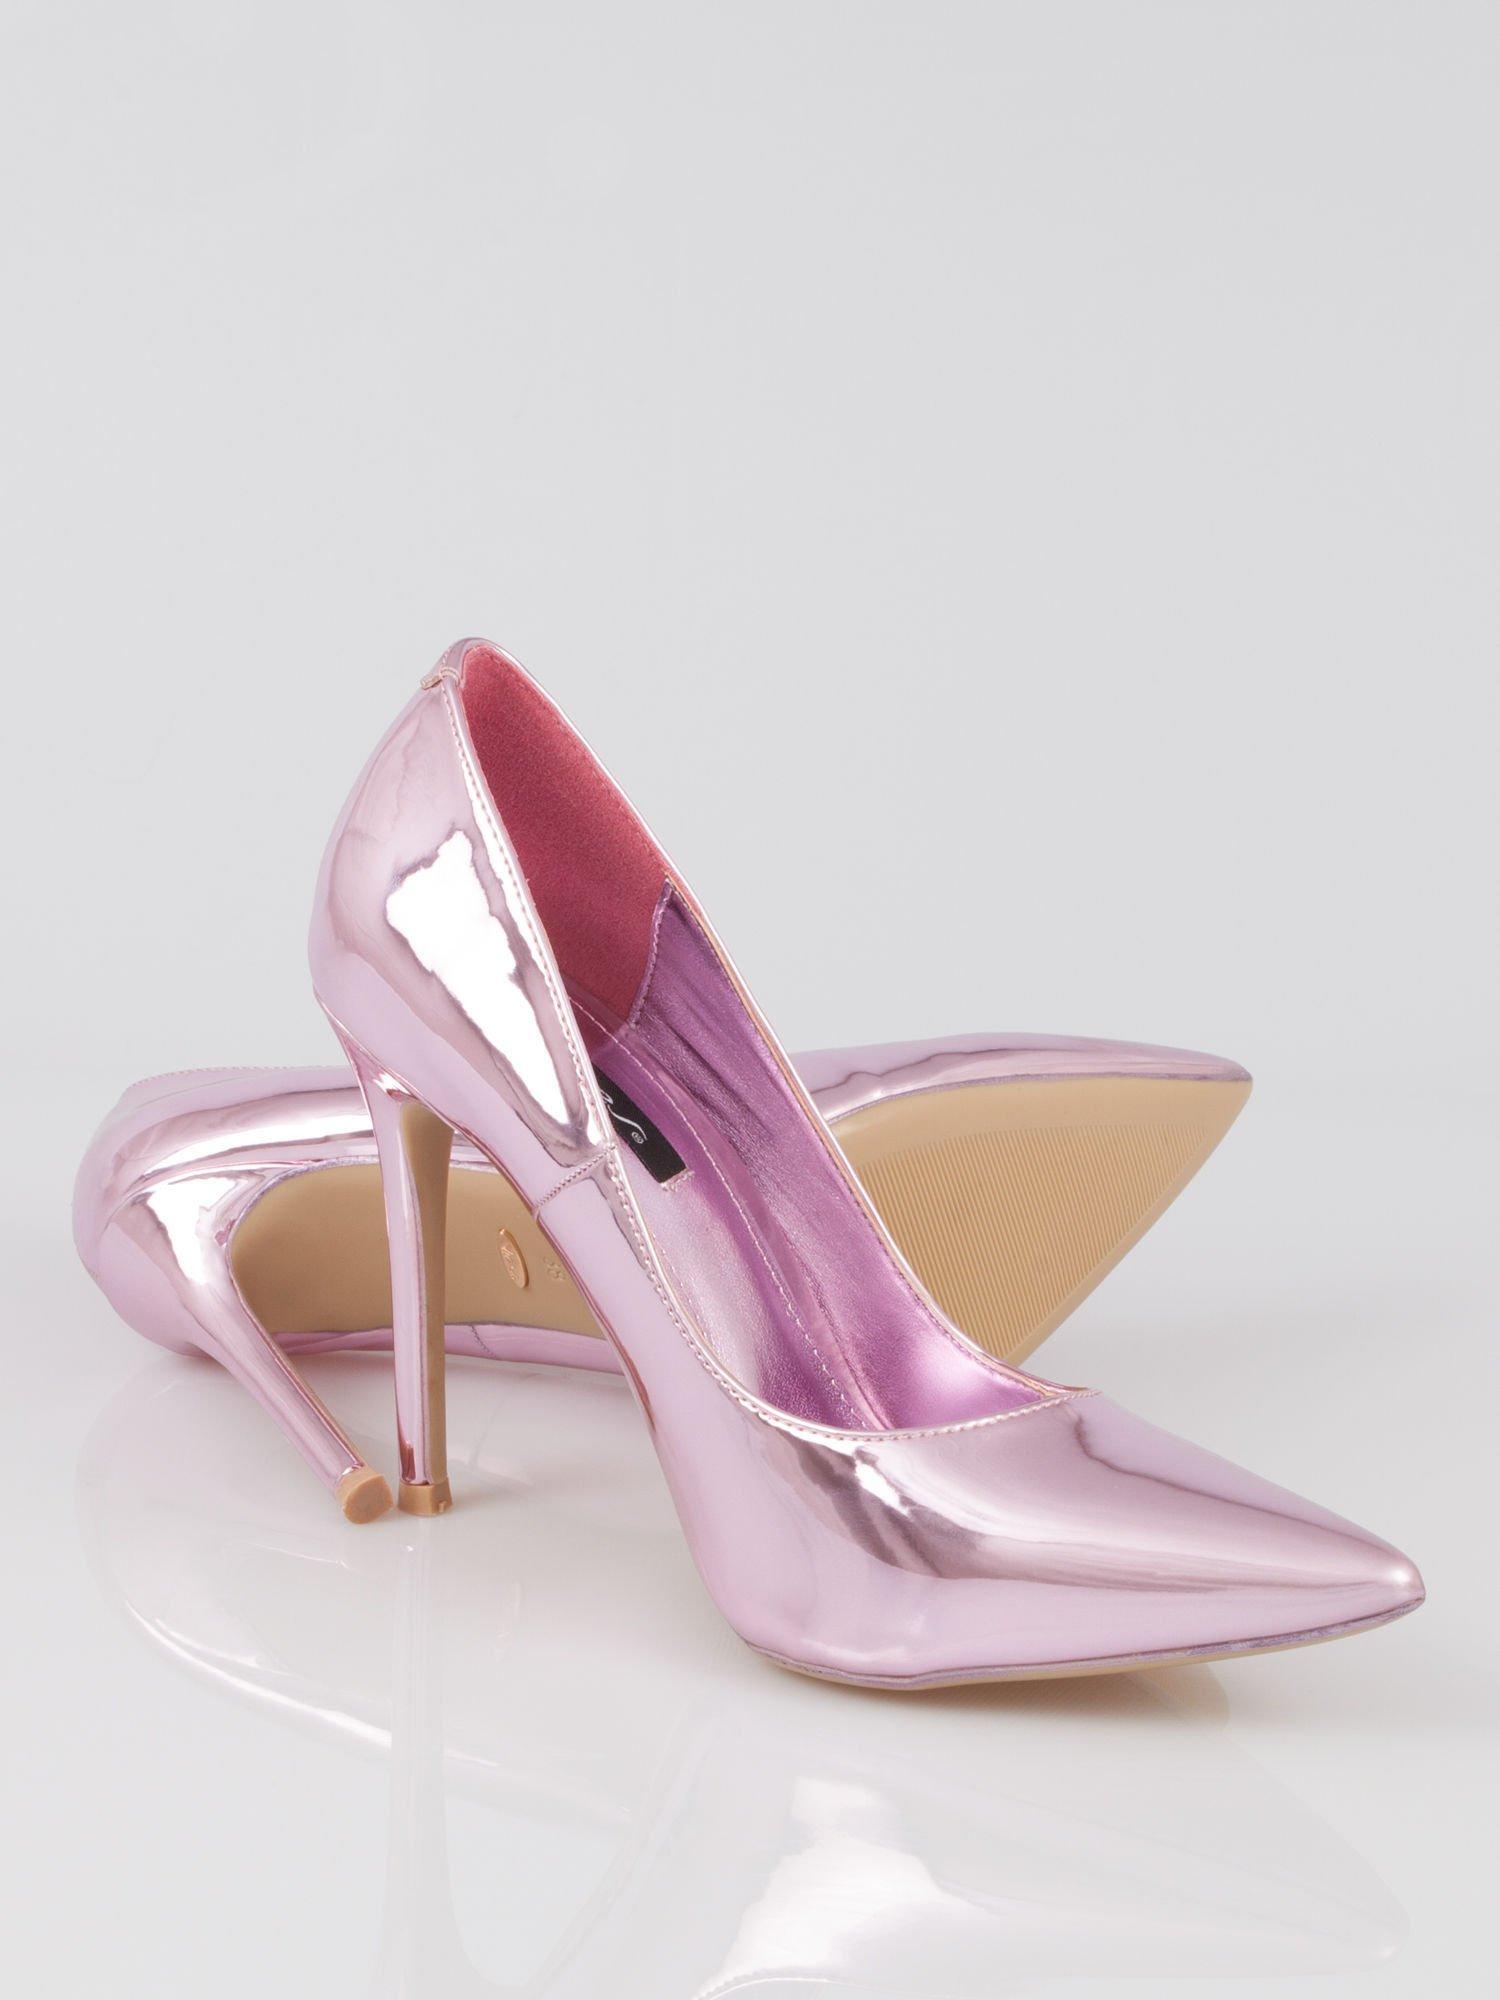 a07517f5 Różowe metaliczne szpilki w szpic Pinky - Buty Szpilki średnie ...